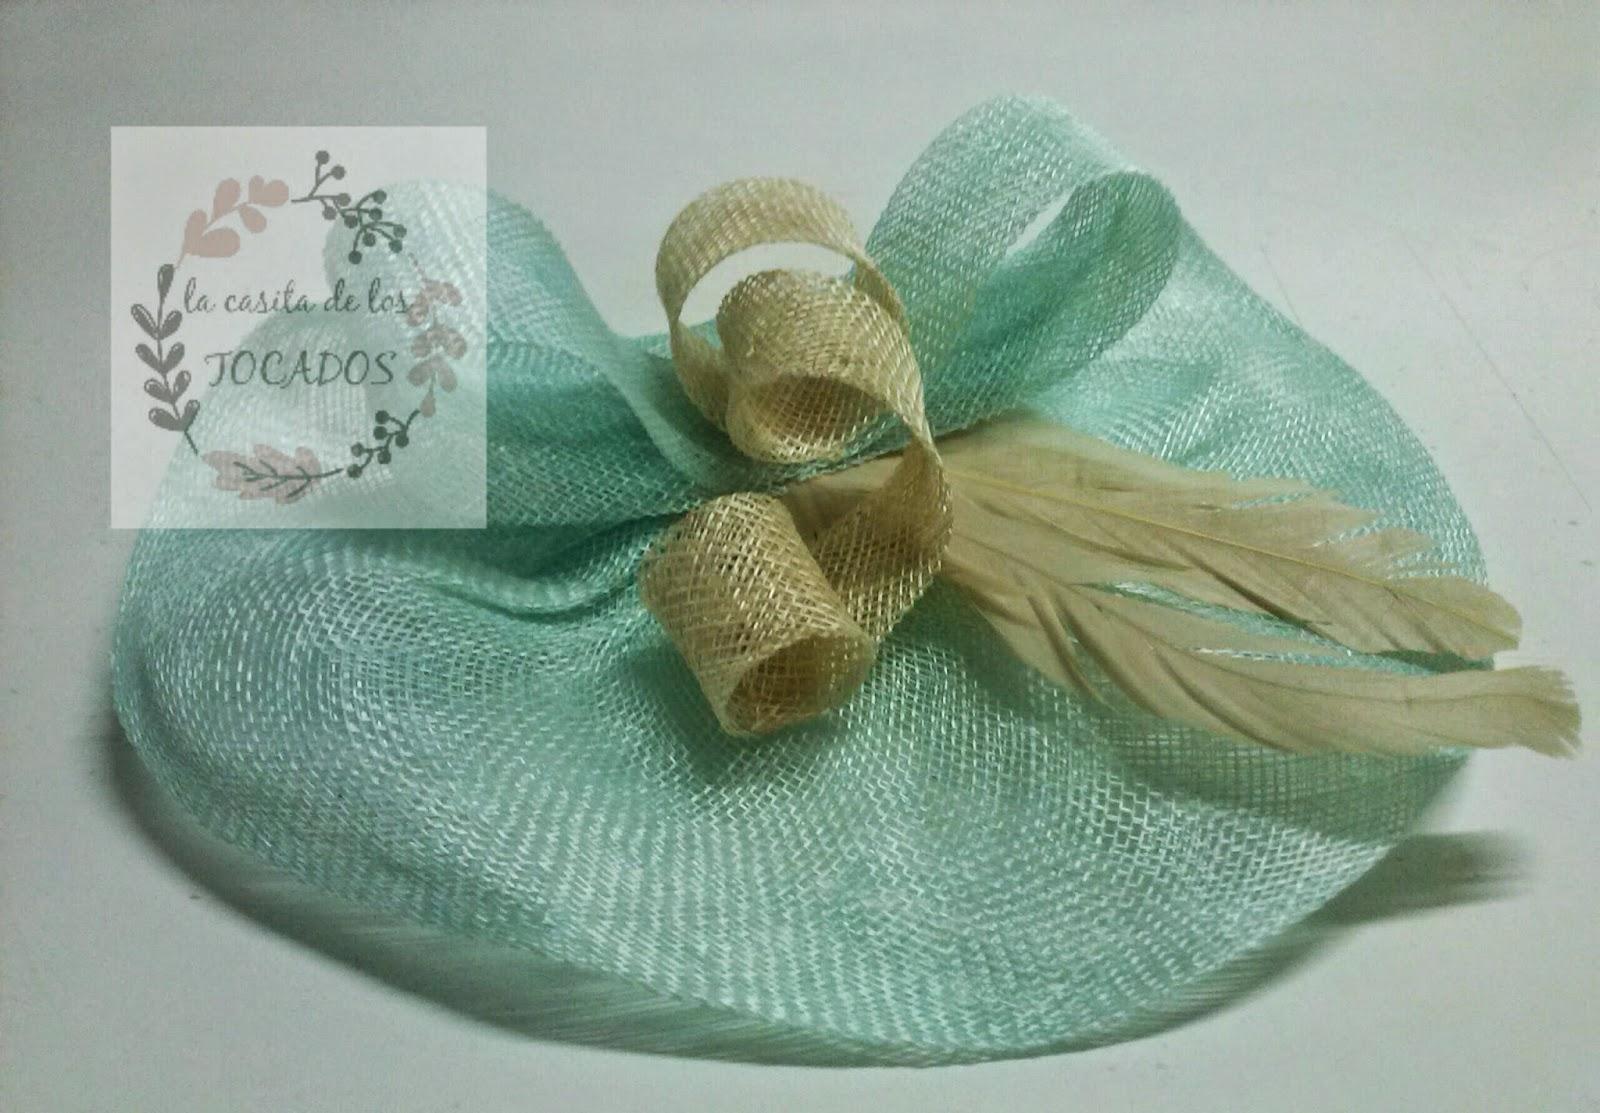 tocado con base artesanal redonda de sinamay en color verde agua con plumas beige